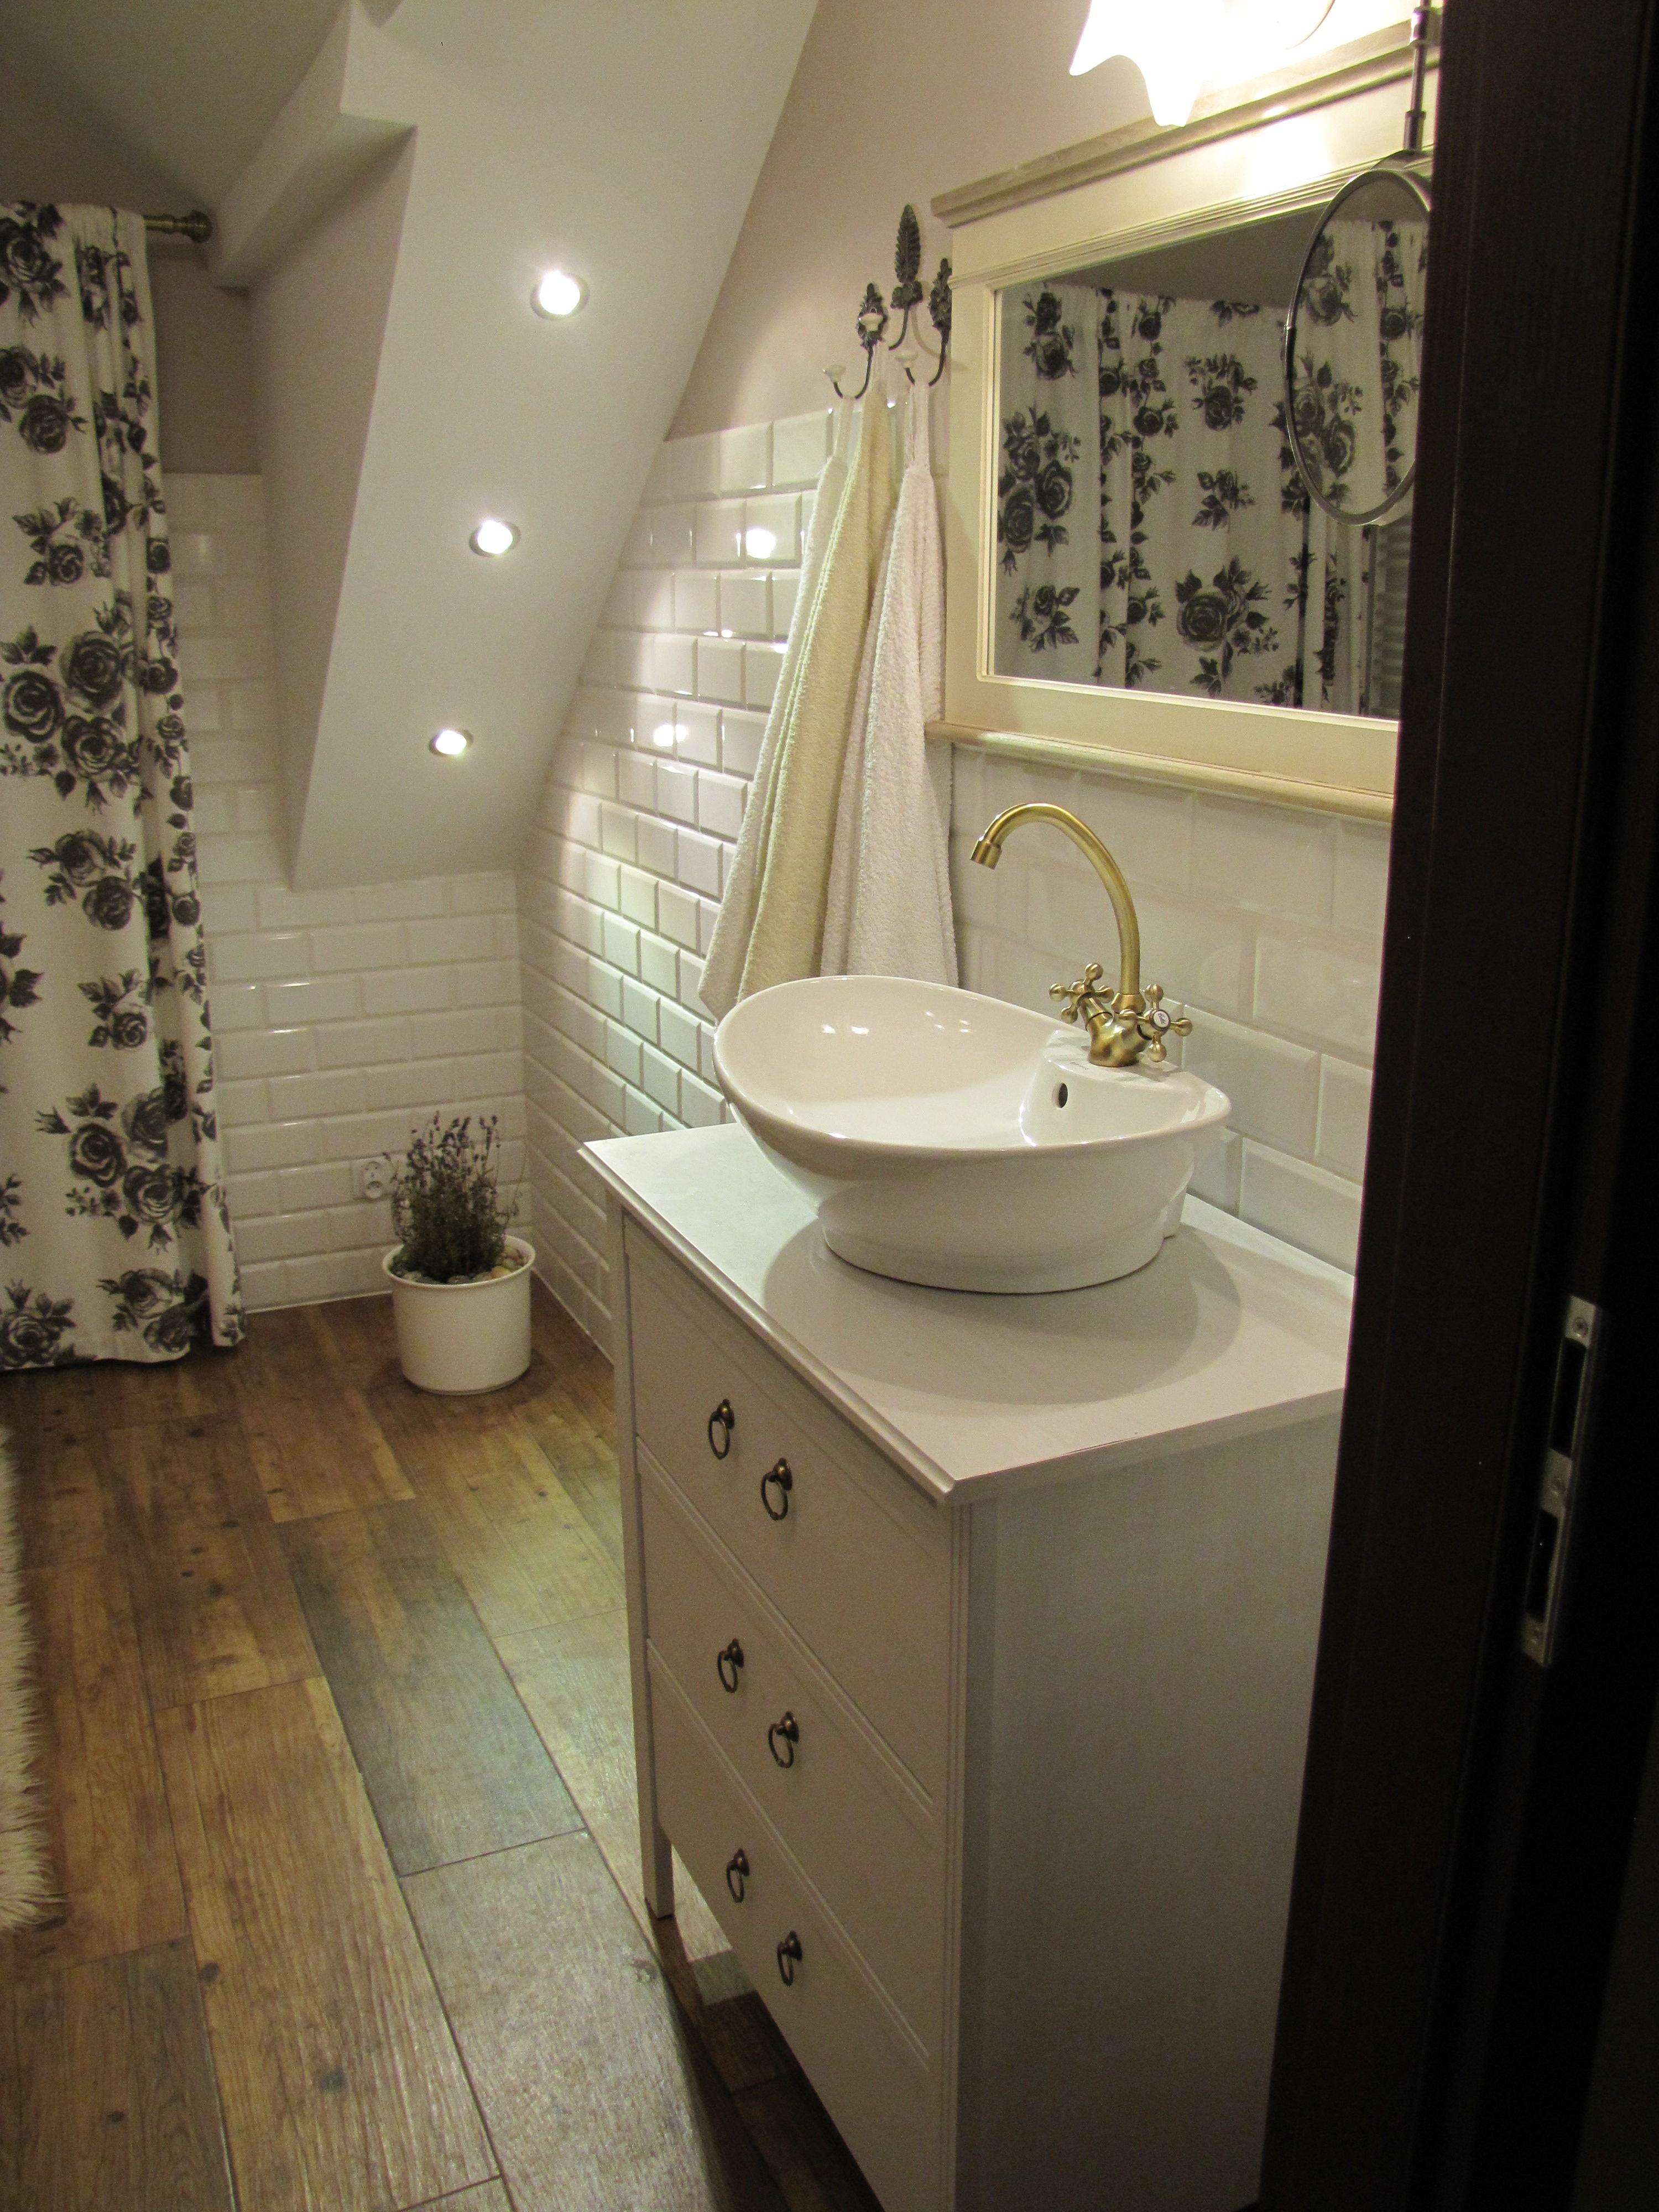 Łazienka z duszą - Monika Wiloch